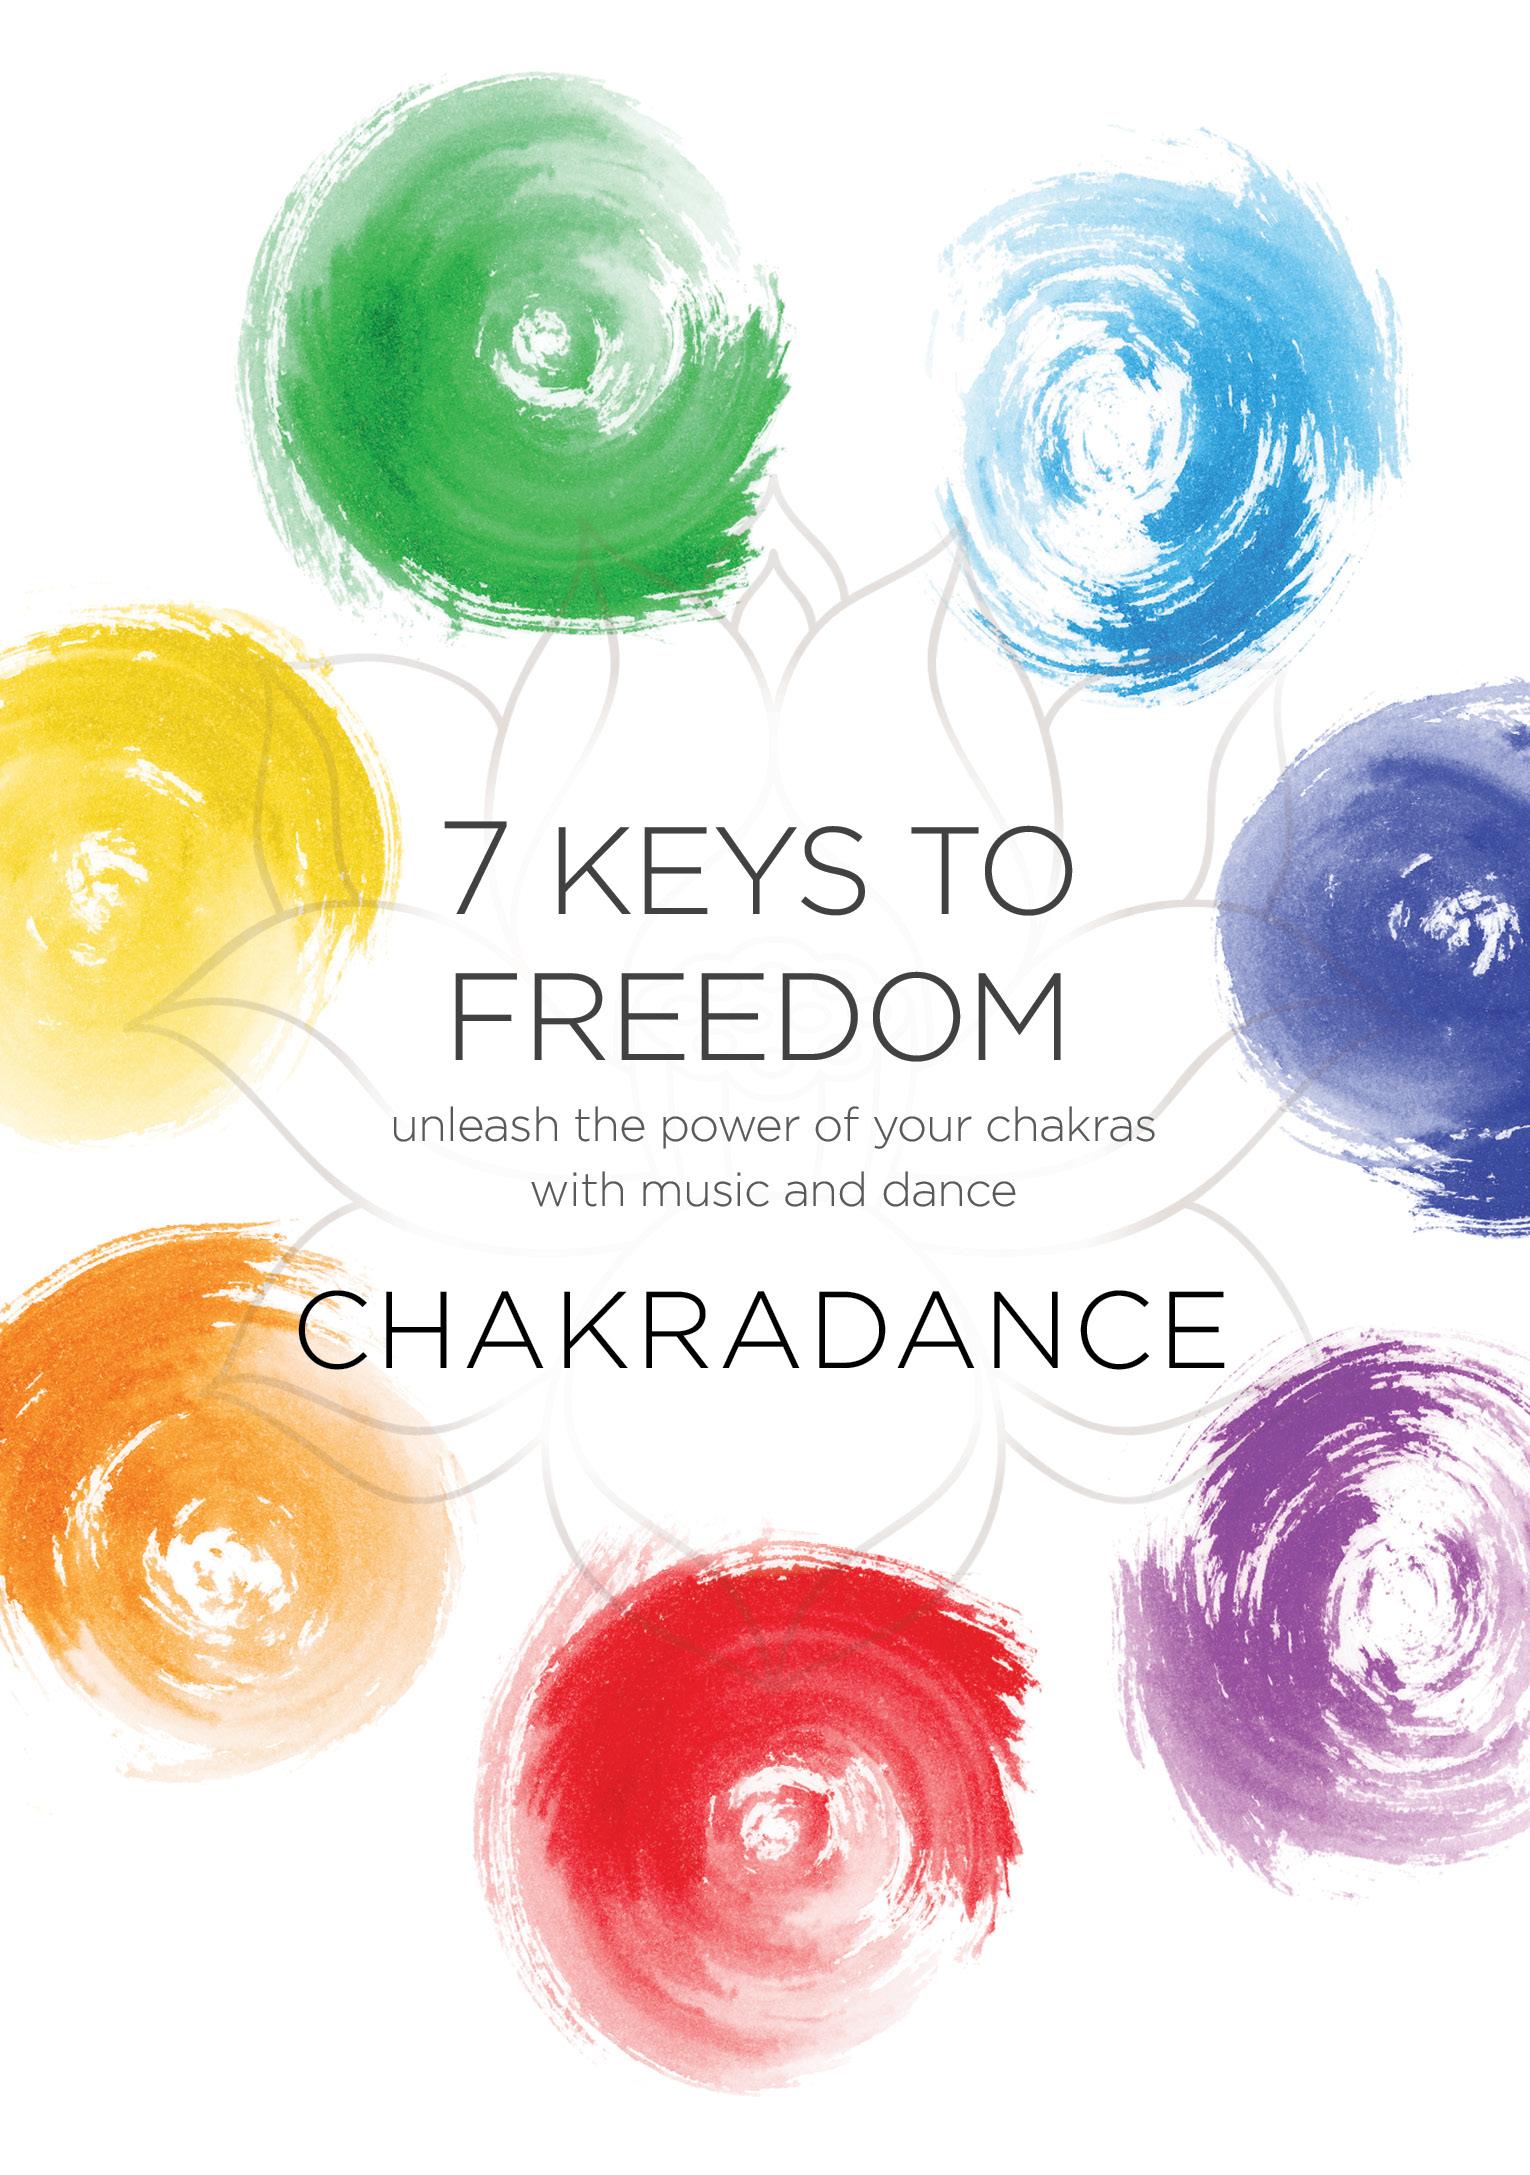 Chakradance: 7 Keys to Freedom